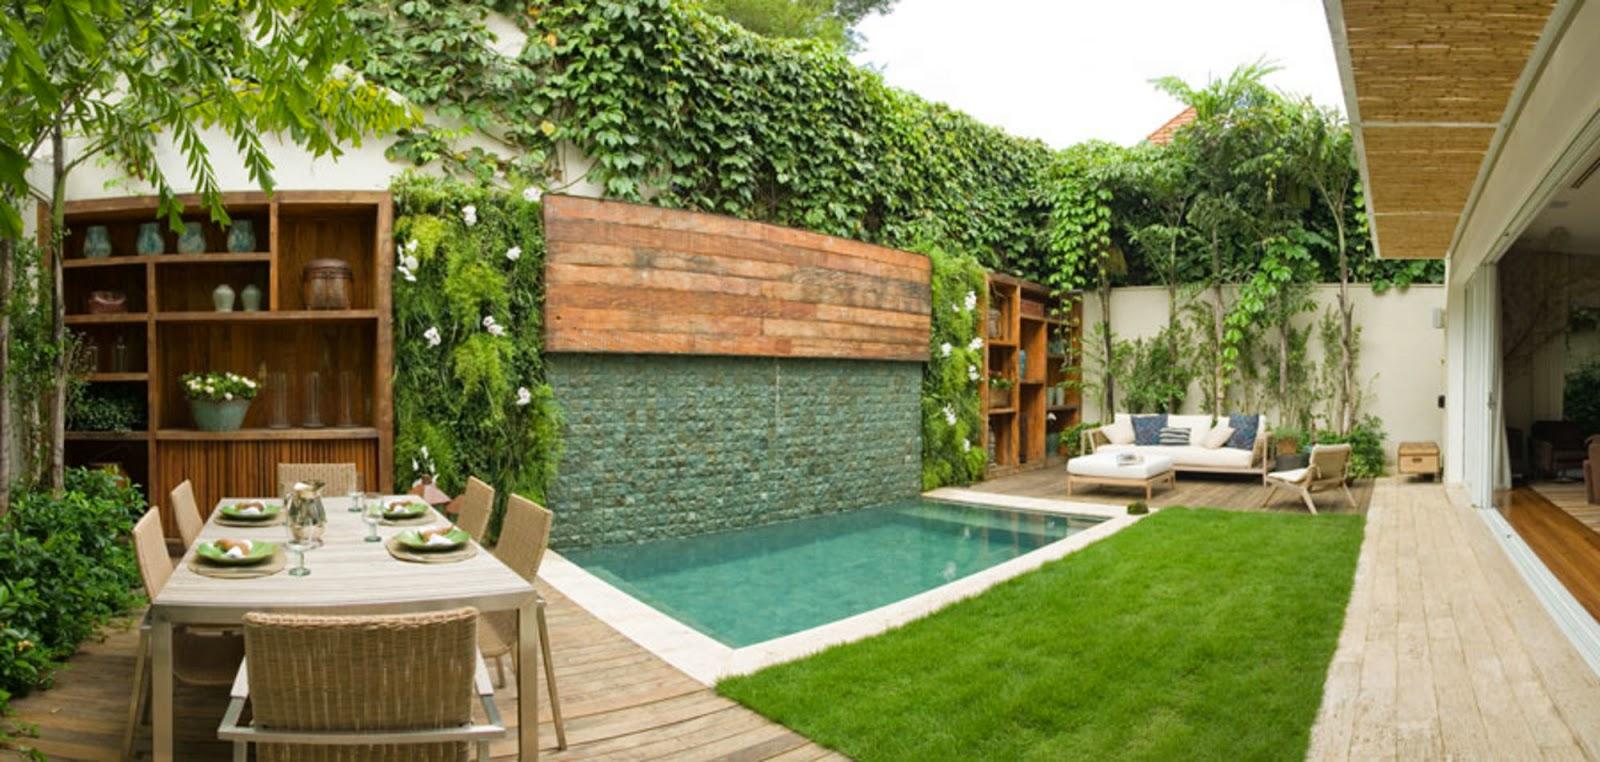 Rea de lazer pequena 60 projetos modelos e fotos for Ideas decorativas para patios